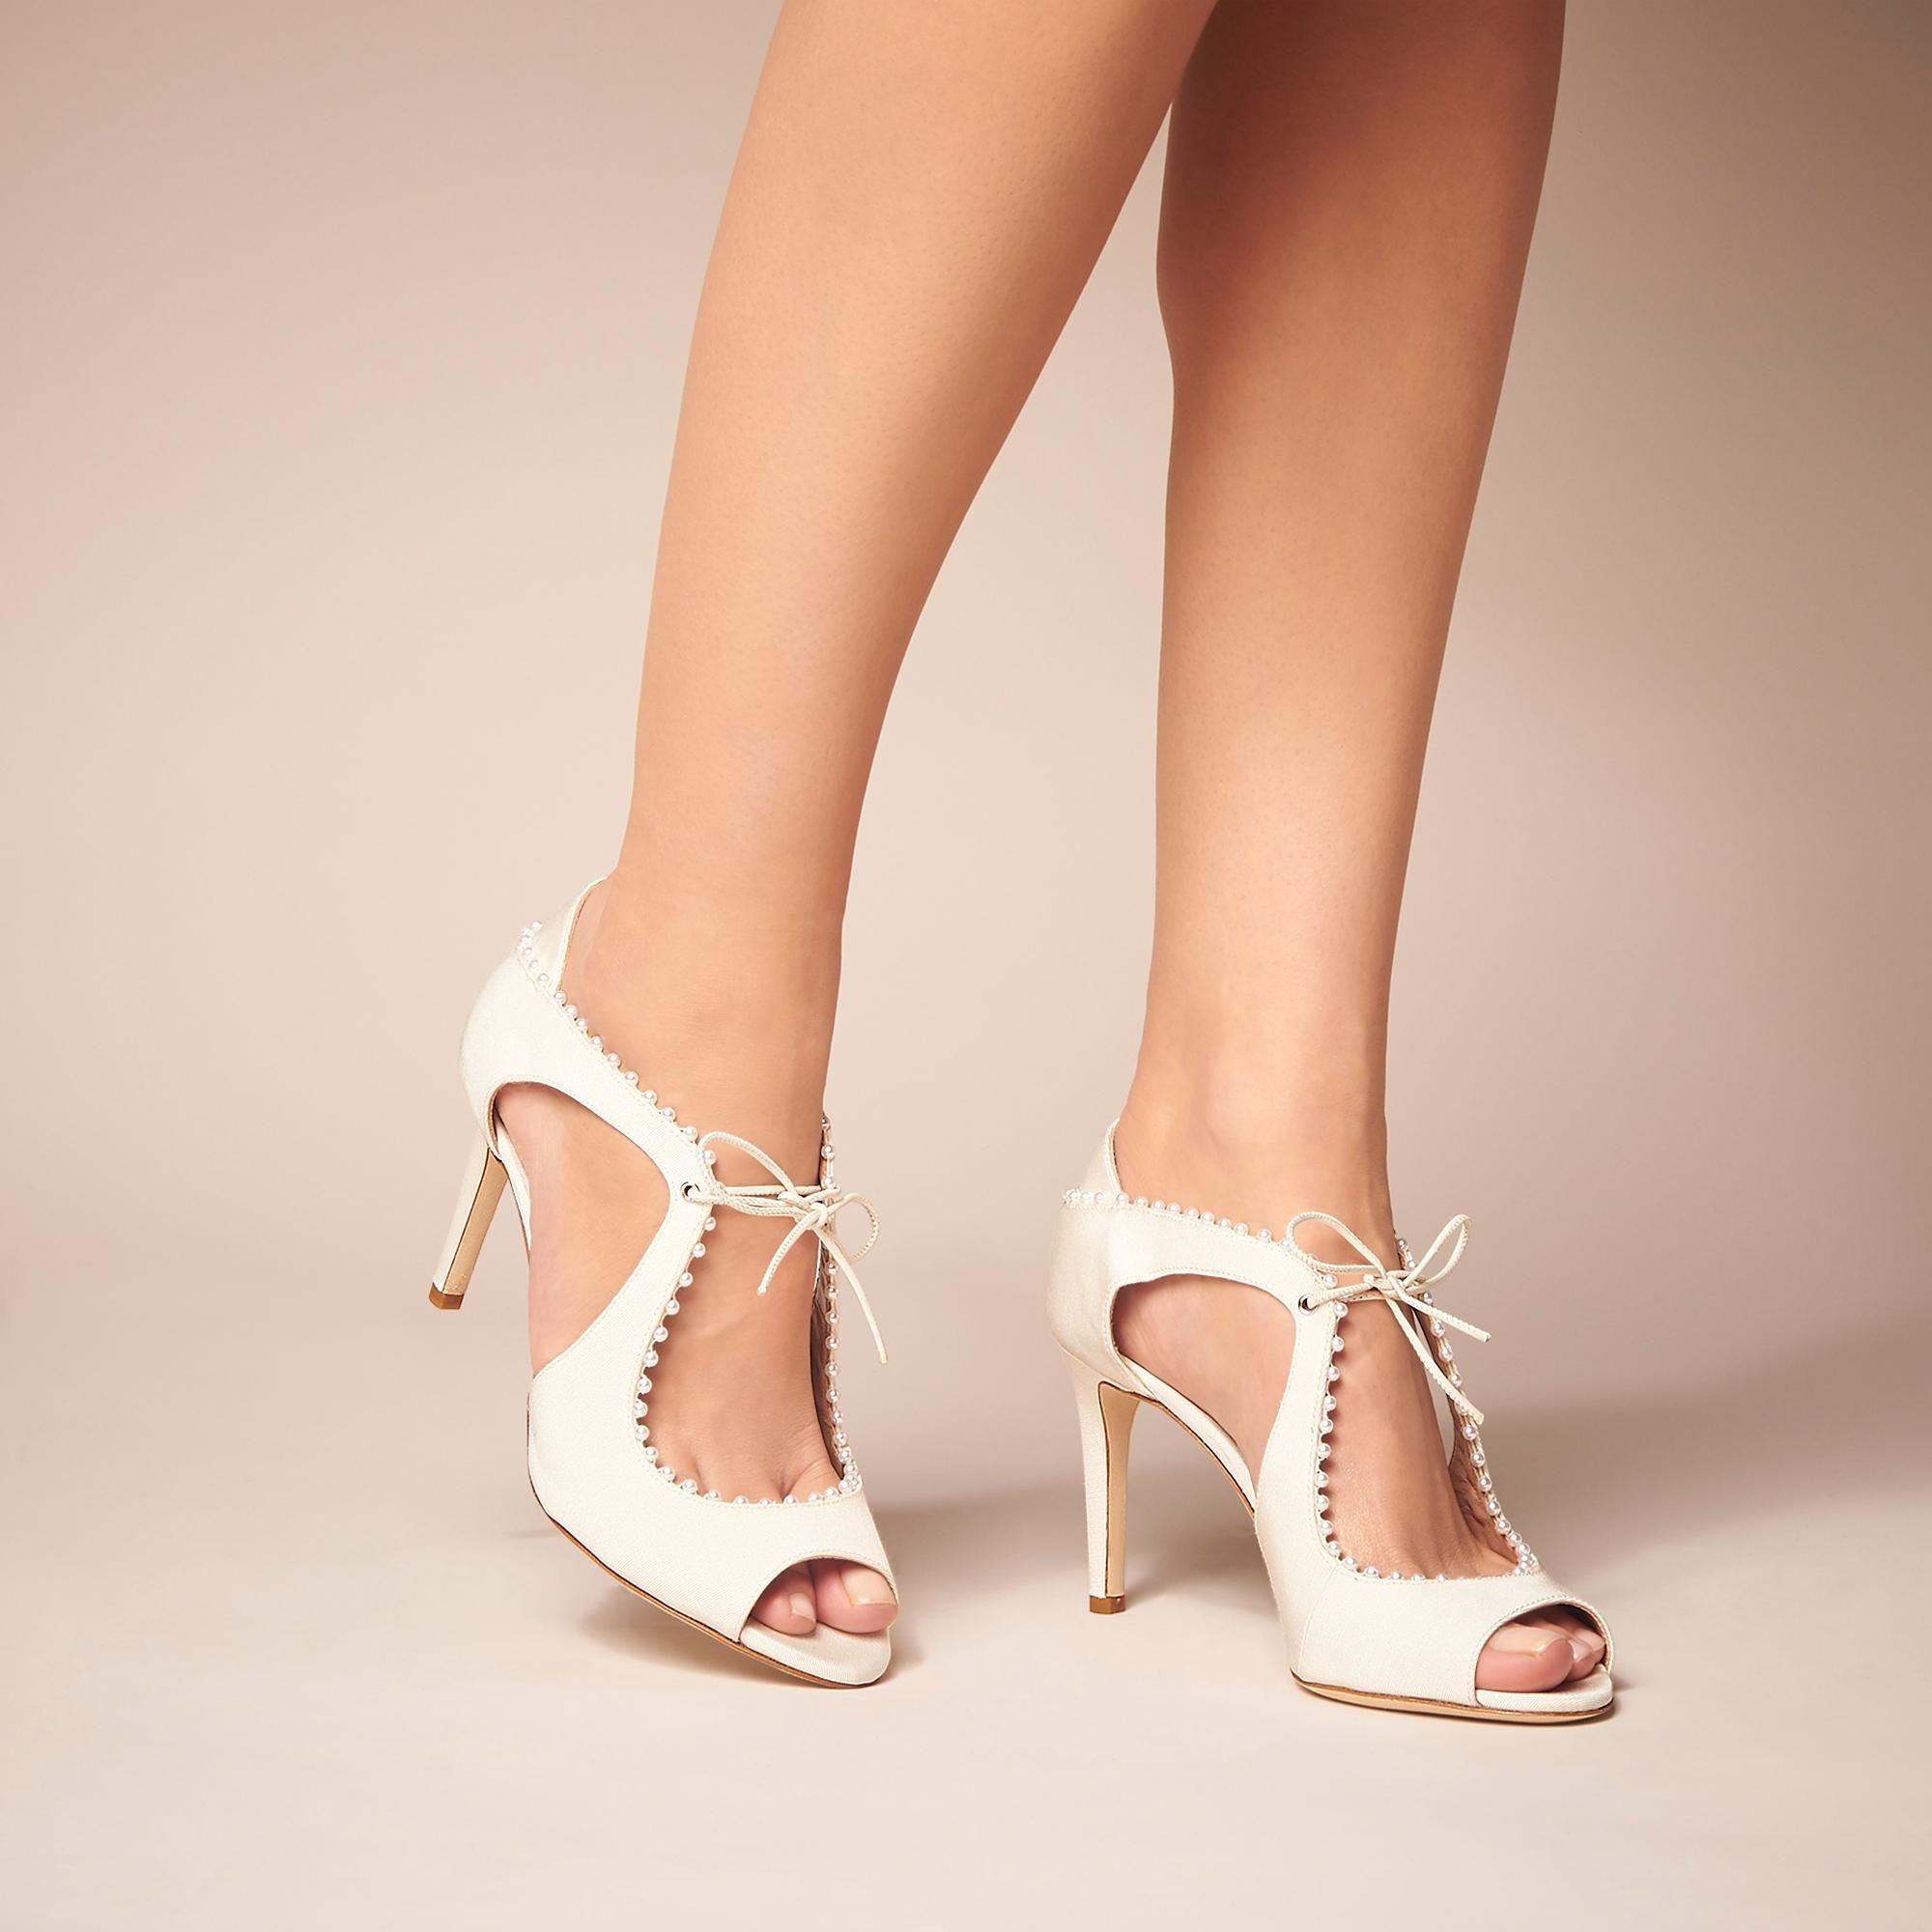 85522915976c Ellena Ivory Formal Sandals